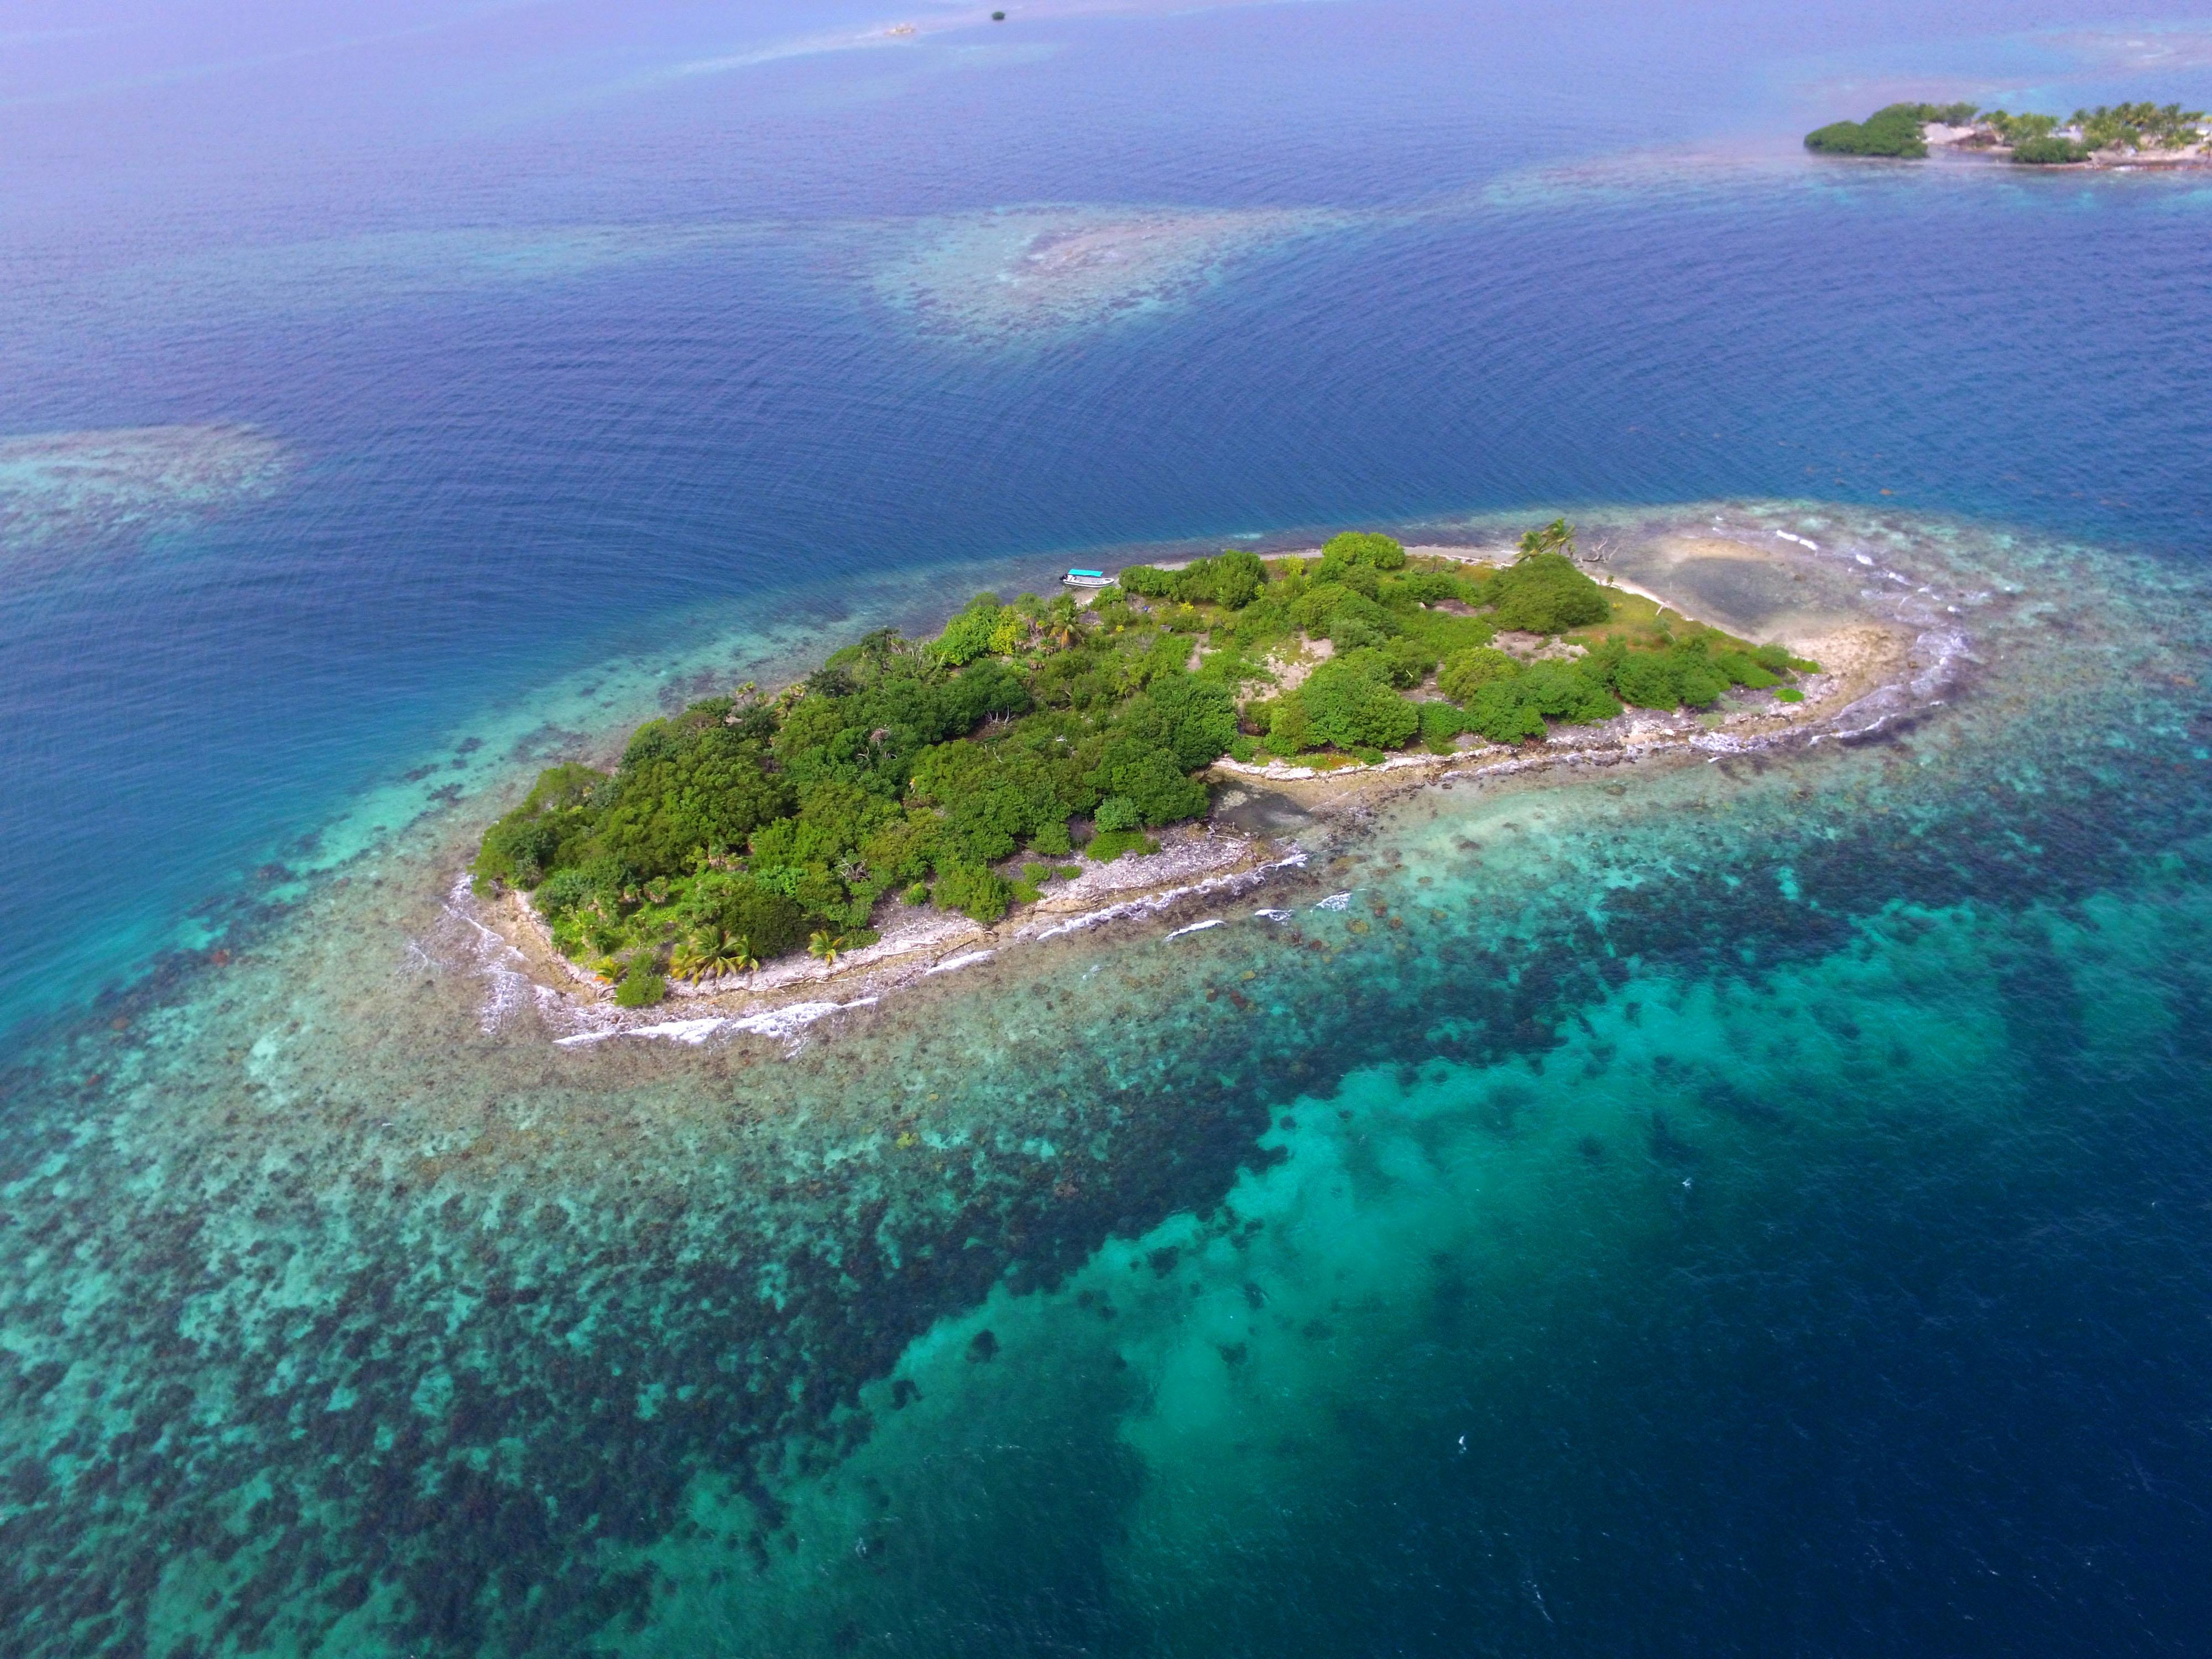 Kanu Island Belize Central America Private Islands